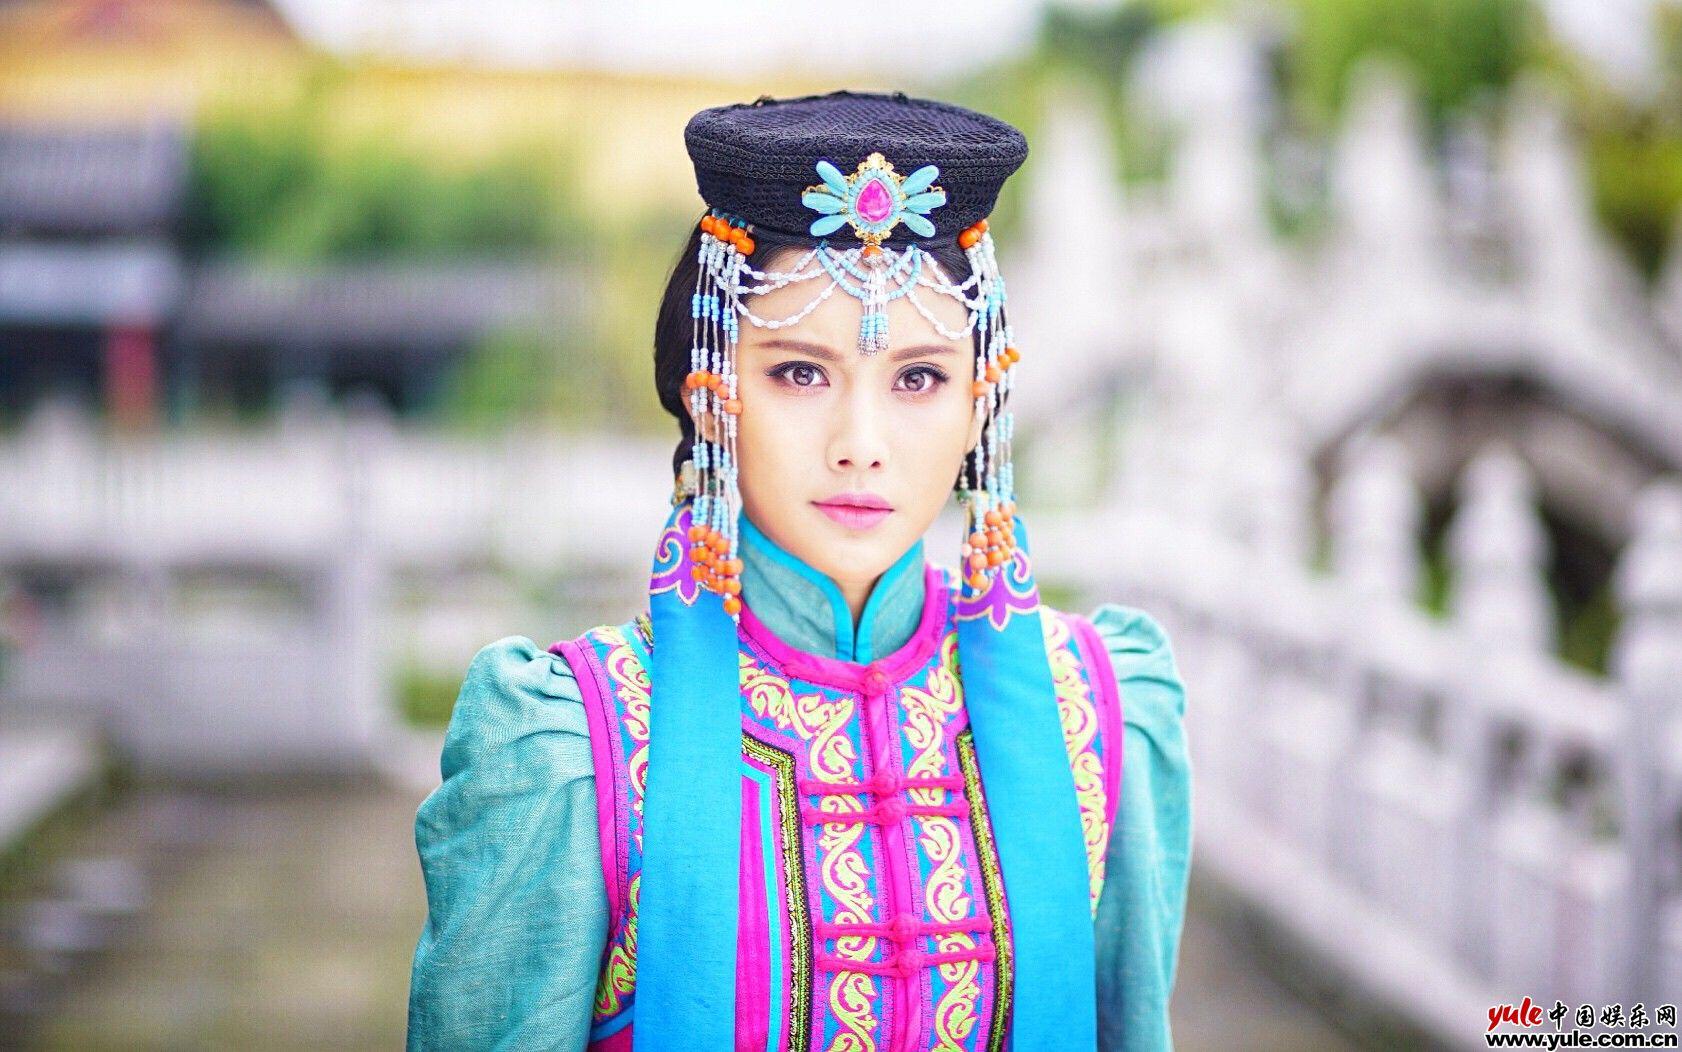 樊昱君 苏茉儿传奇 今播 科尔沁第一美女 诺敏来袭